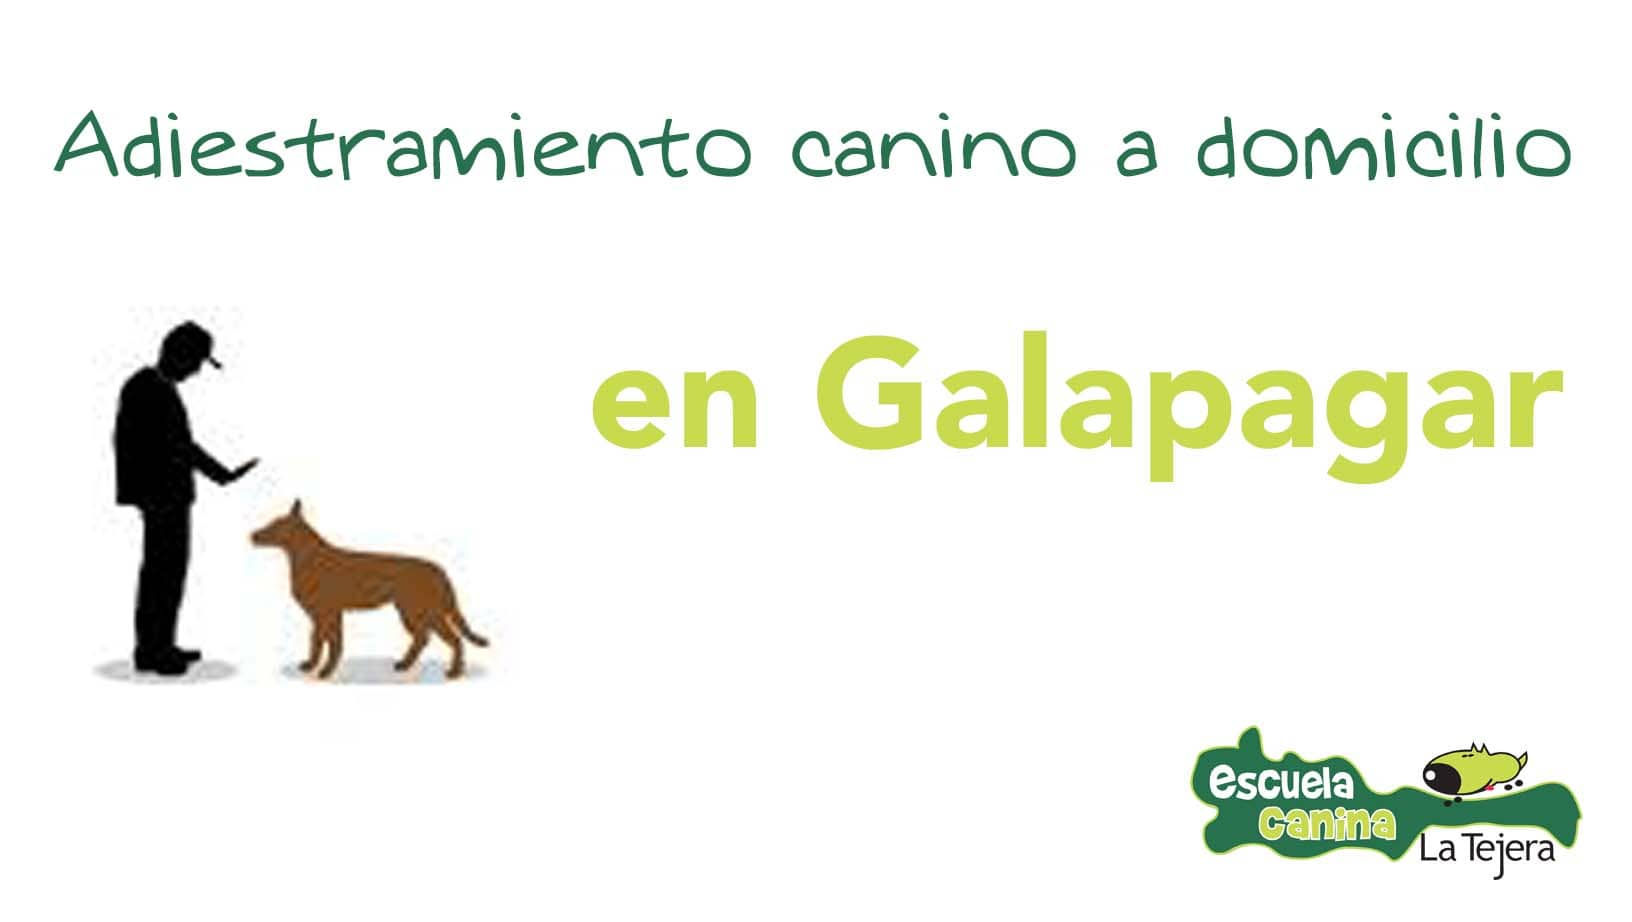 adiestramiento_domicilio_galapagar